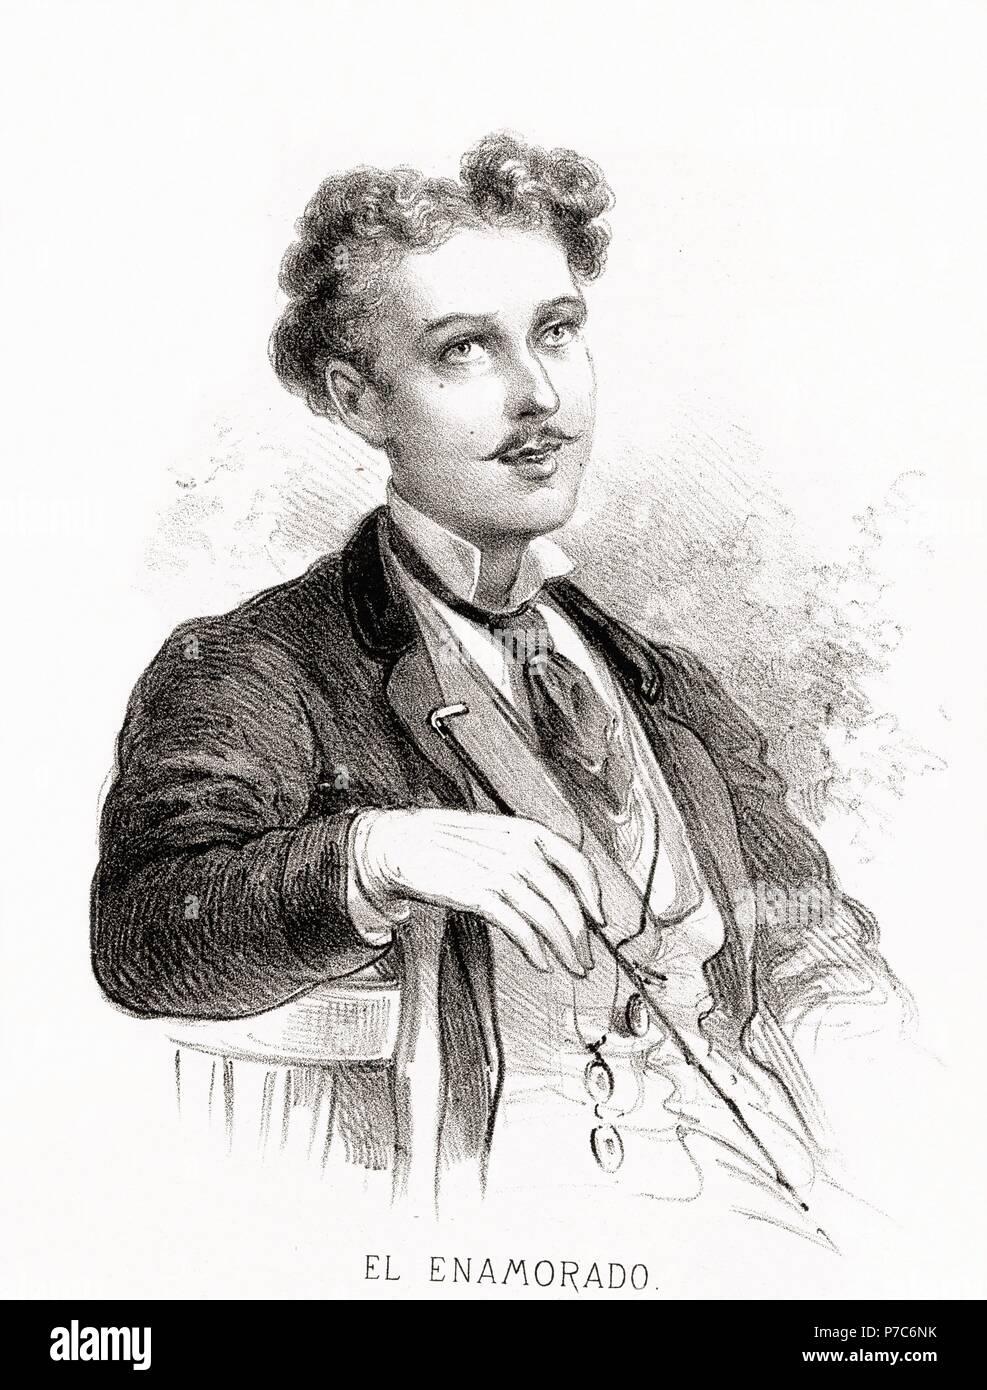 Carácteres del individuo. Hombre enamorado. Grabado de 1870. Stockfoto